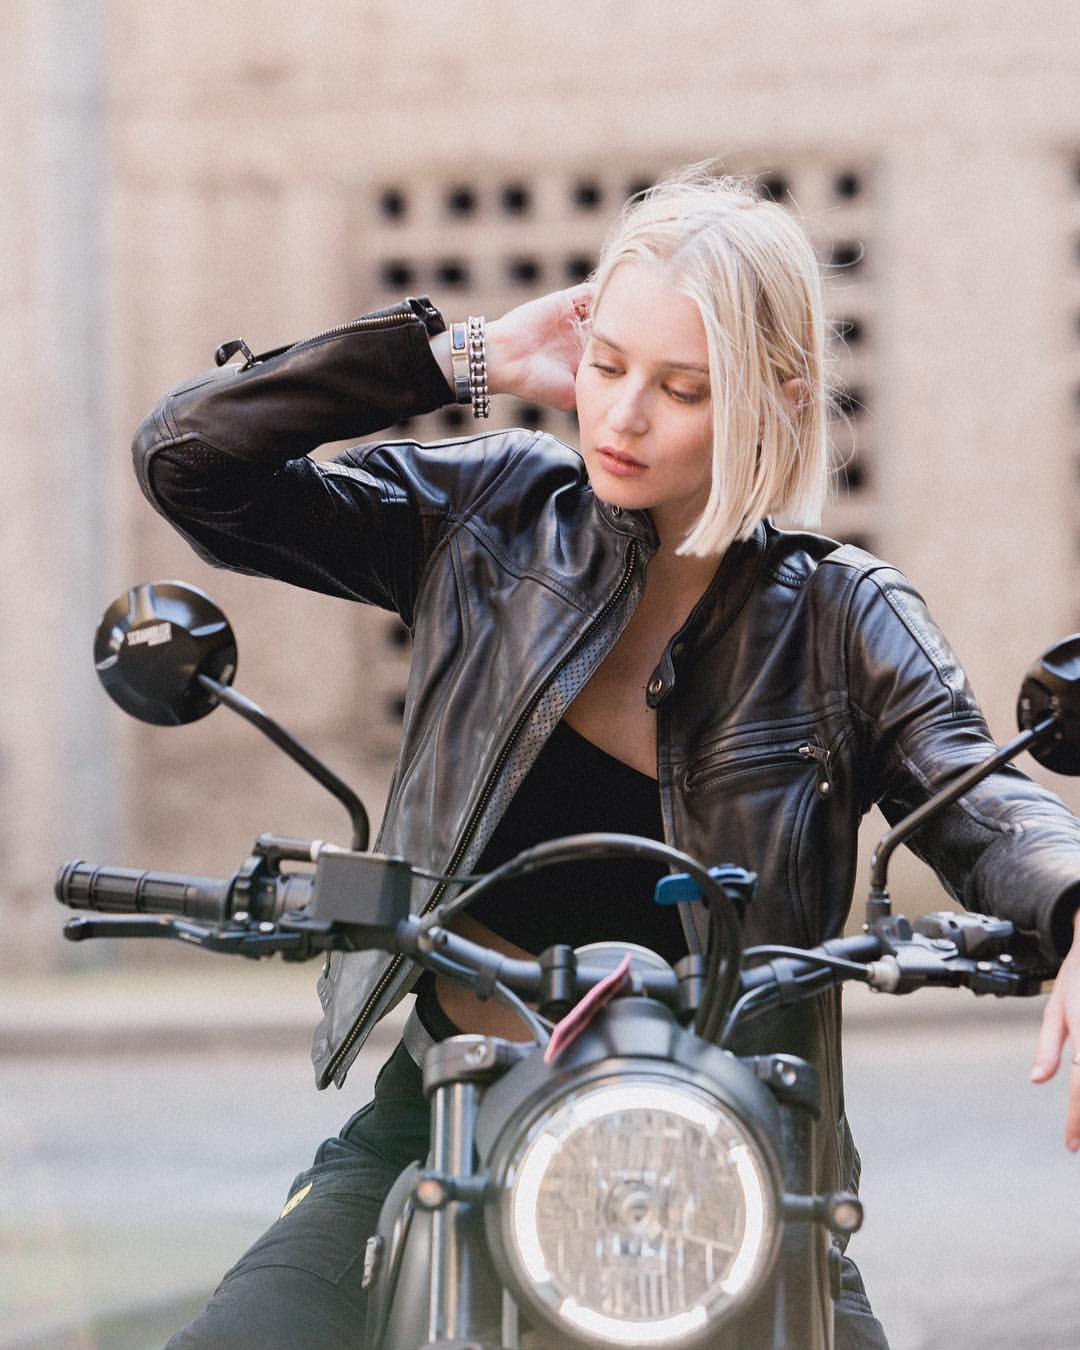 biker-leather-jacket-black-women-2